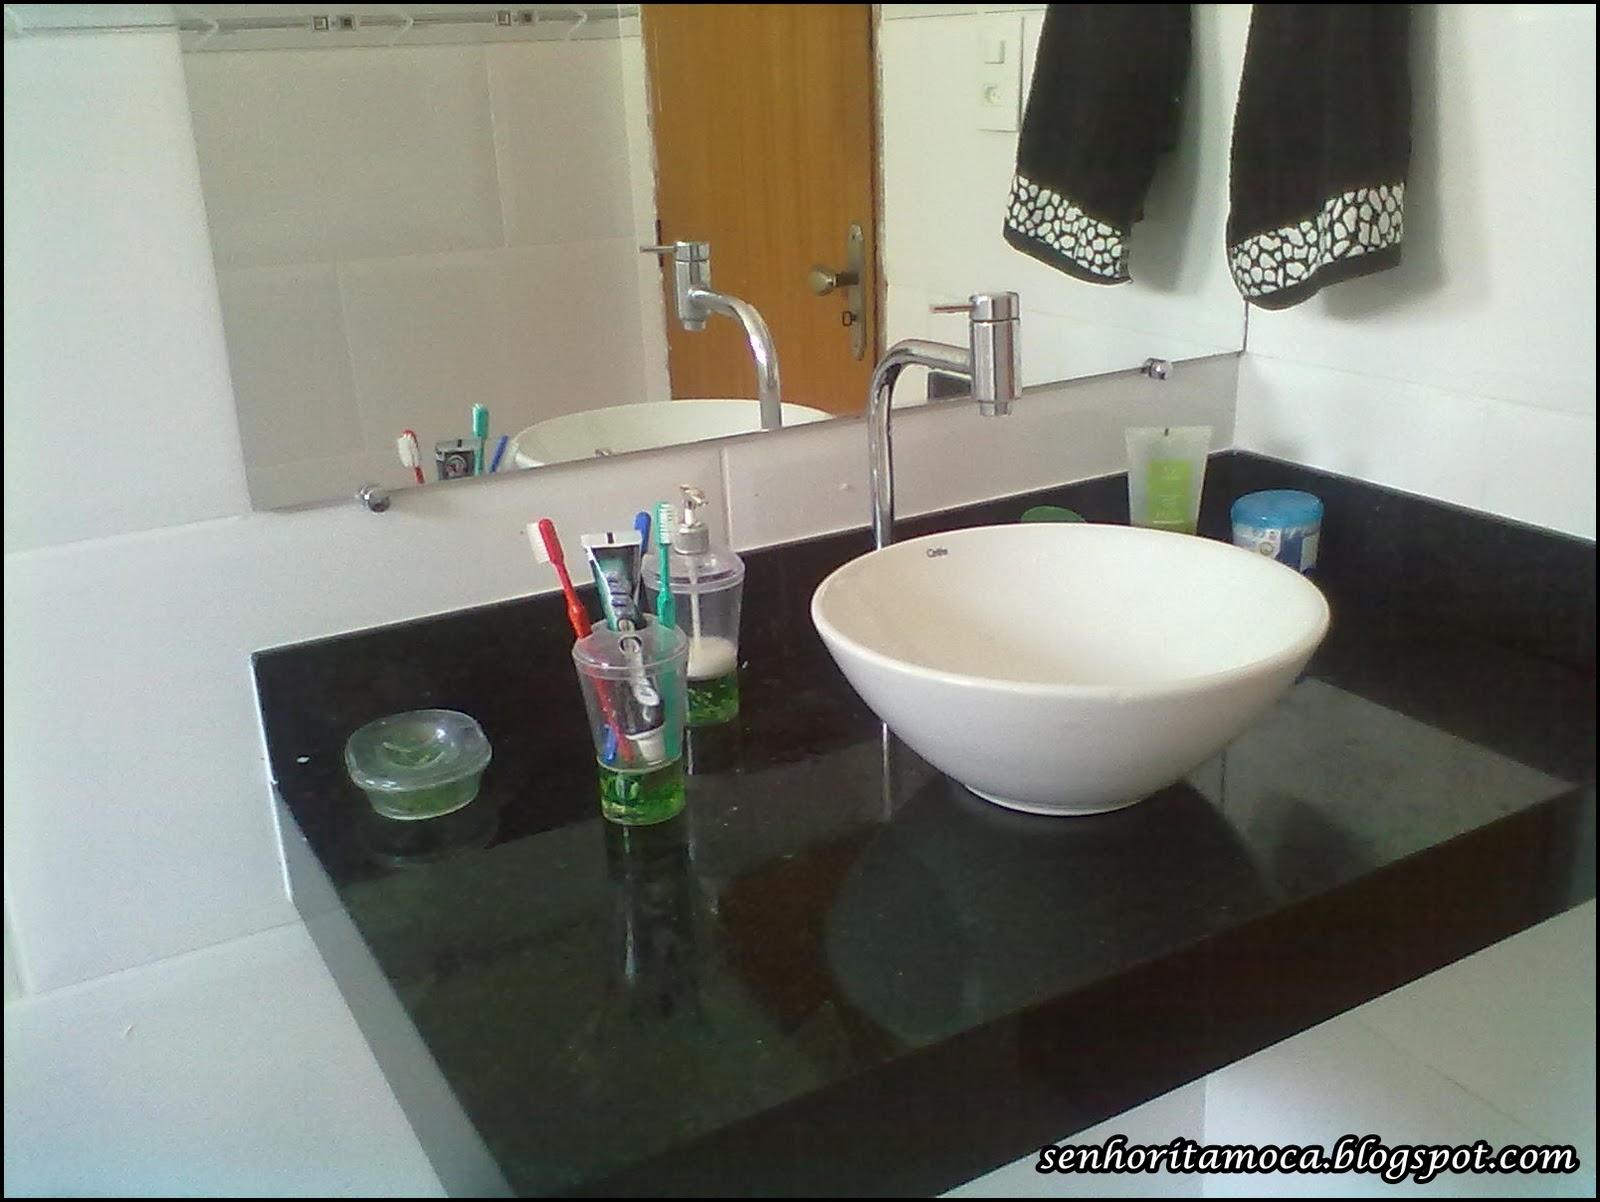 Projeto De Banheiro Com Duas Cubas  cgafghanscom banheiros pequenos e modernos -> Cuba Para Banheiro Celite